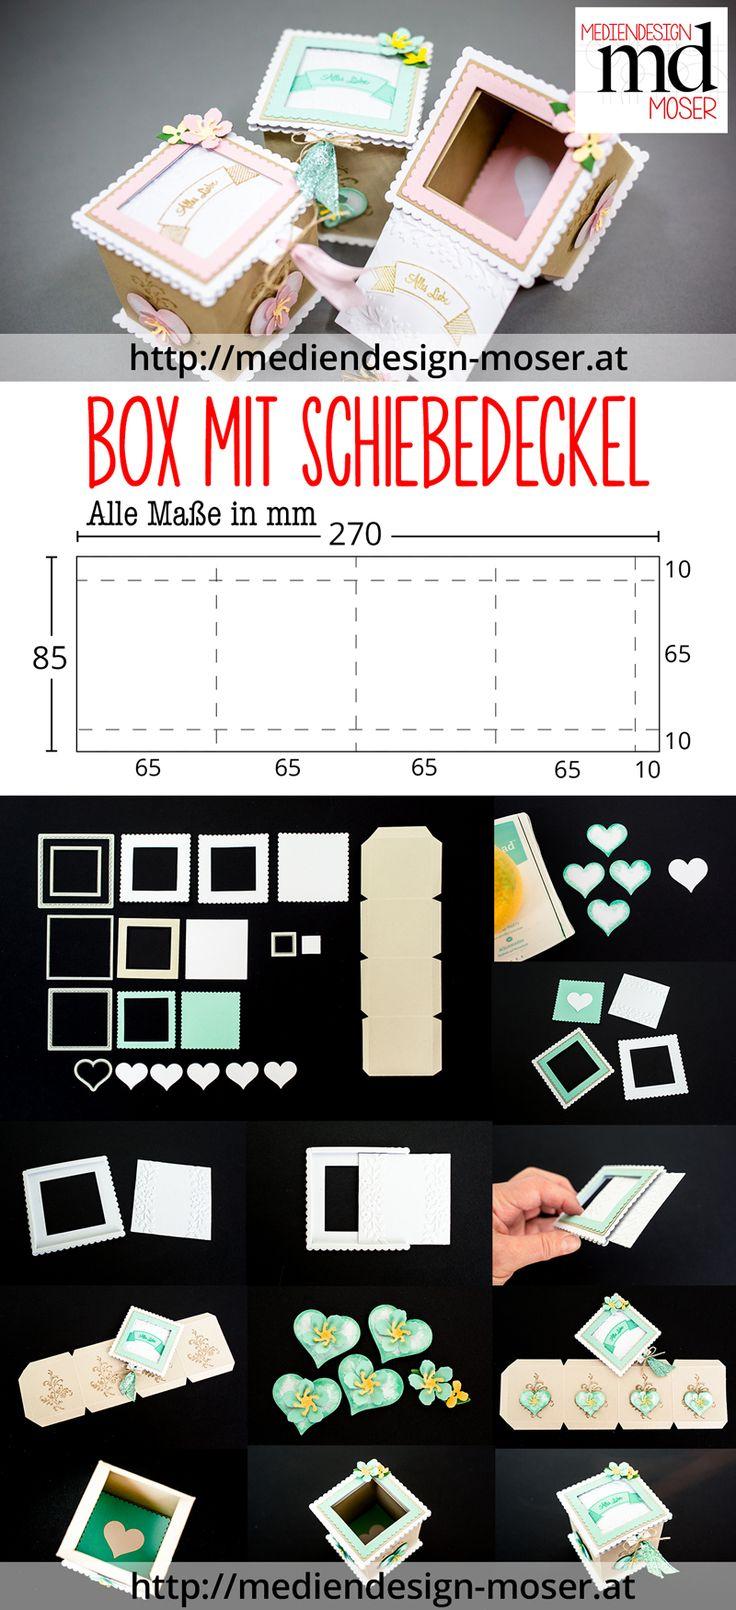 Box mit Schiebedeckel - mit Bastelanleitung als PDF